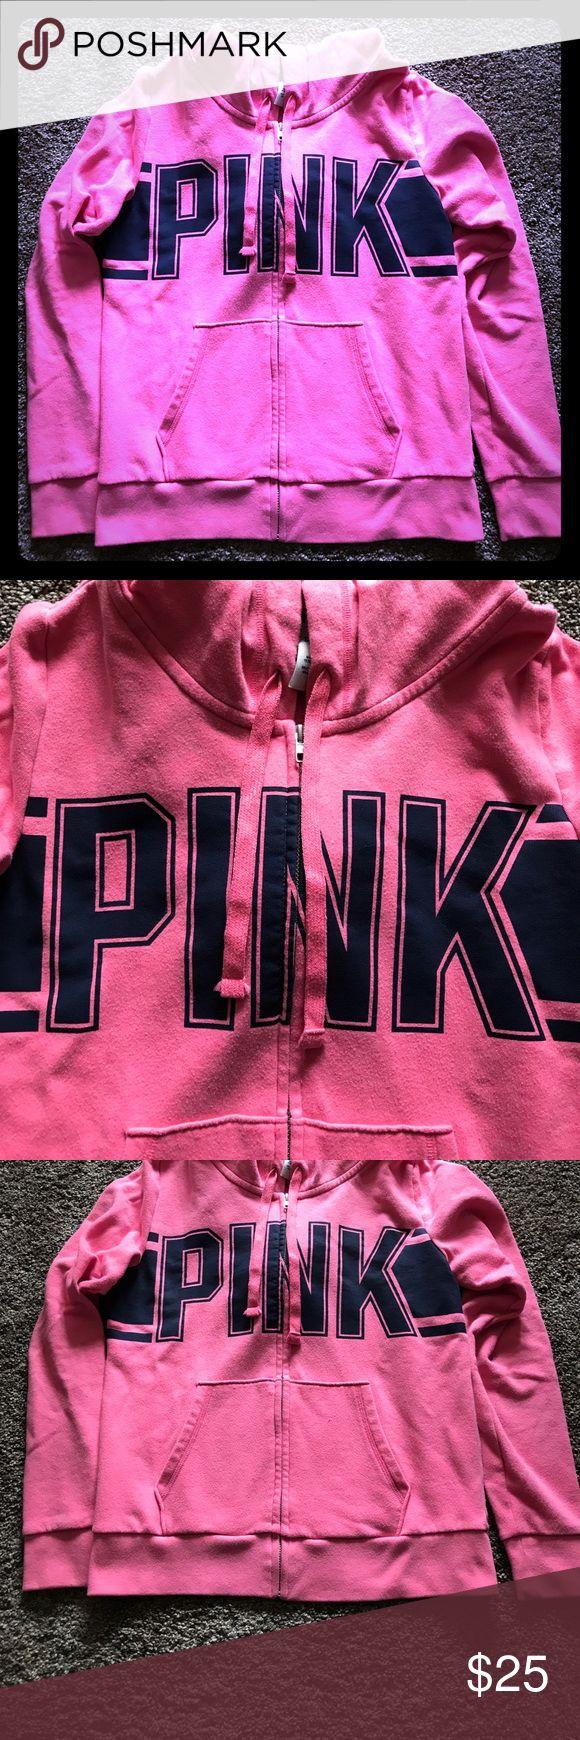 VS PINK zip up hoodie Great condition vs pink zip up hoodie with blue logo. Size medium. PINK Victoria's Secret Tops Sweatshirts & Hoodies